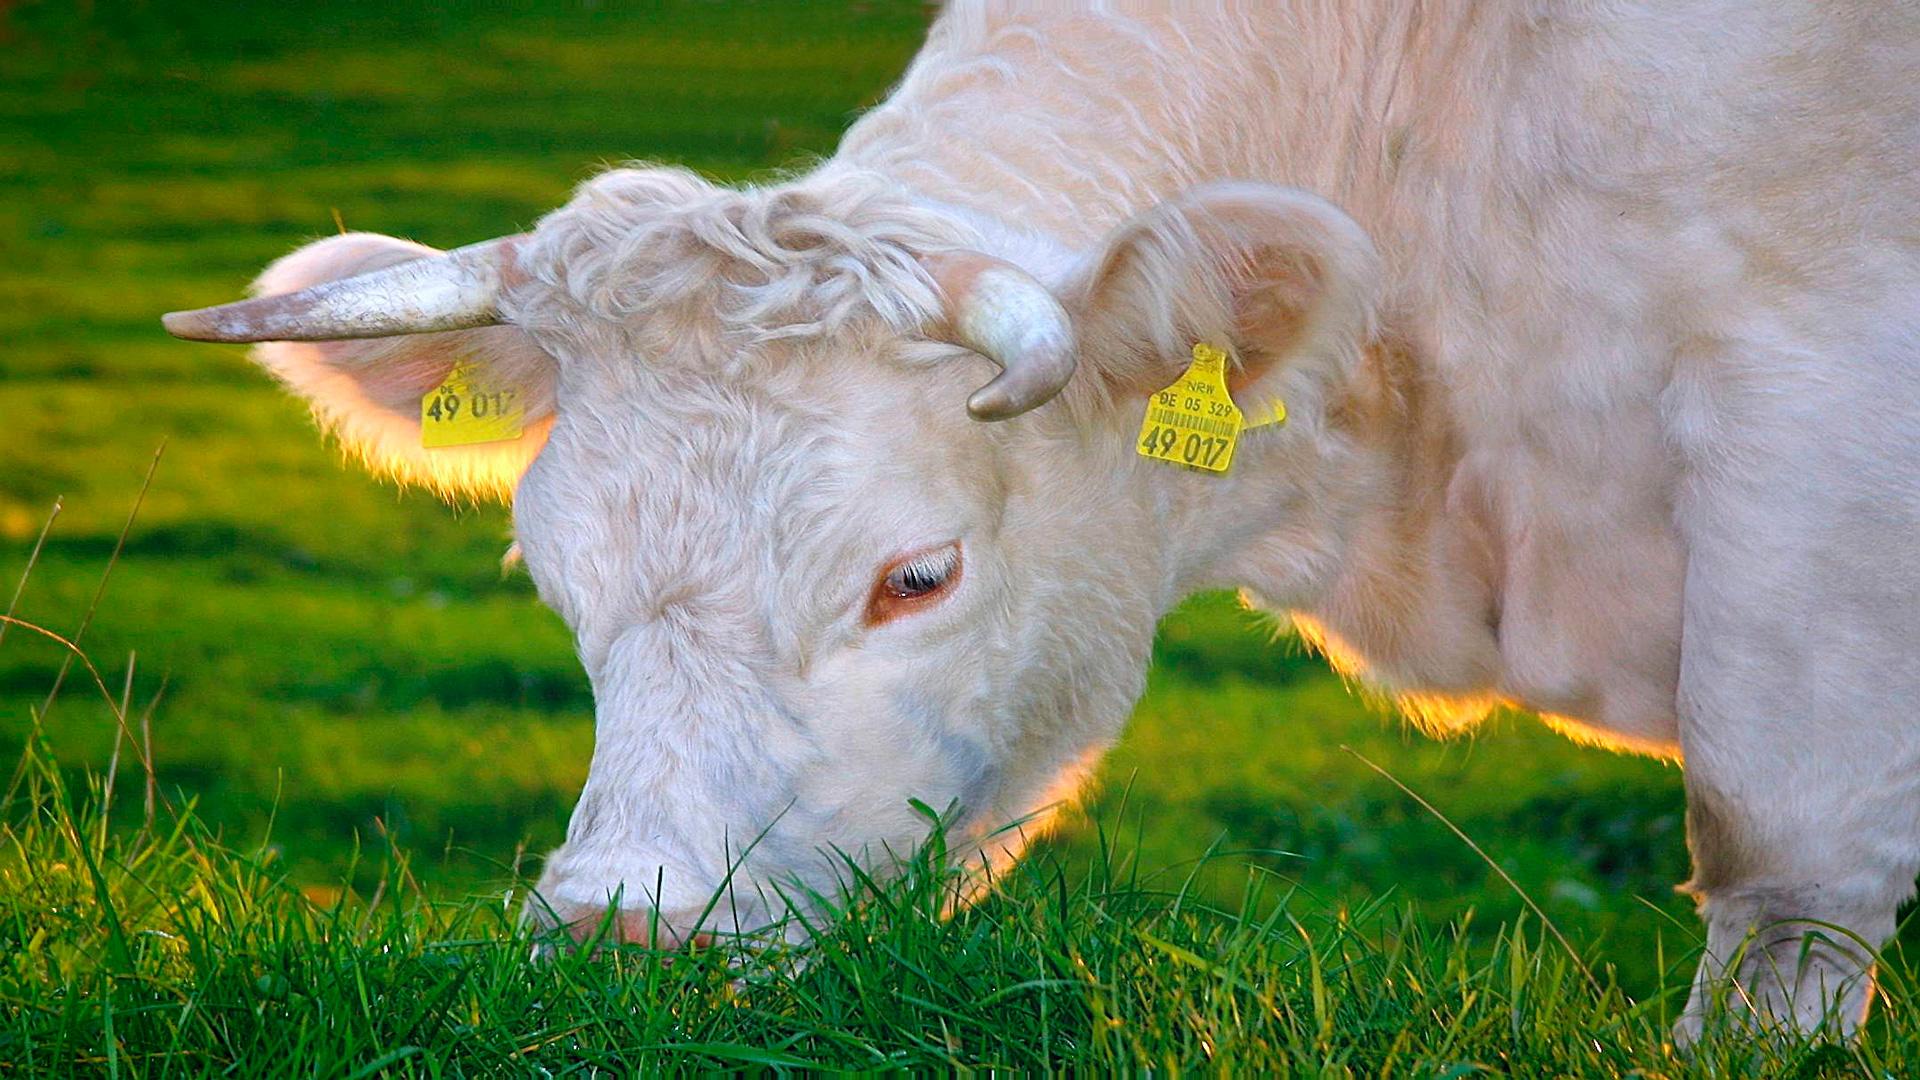 Según-lo-que-coma-la-vaca-así-será-la-calidad-de-la-grasa-de-la-leche-1920